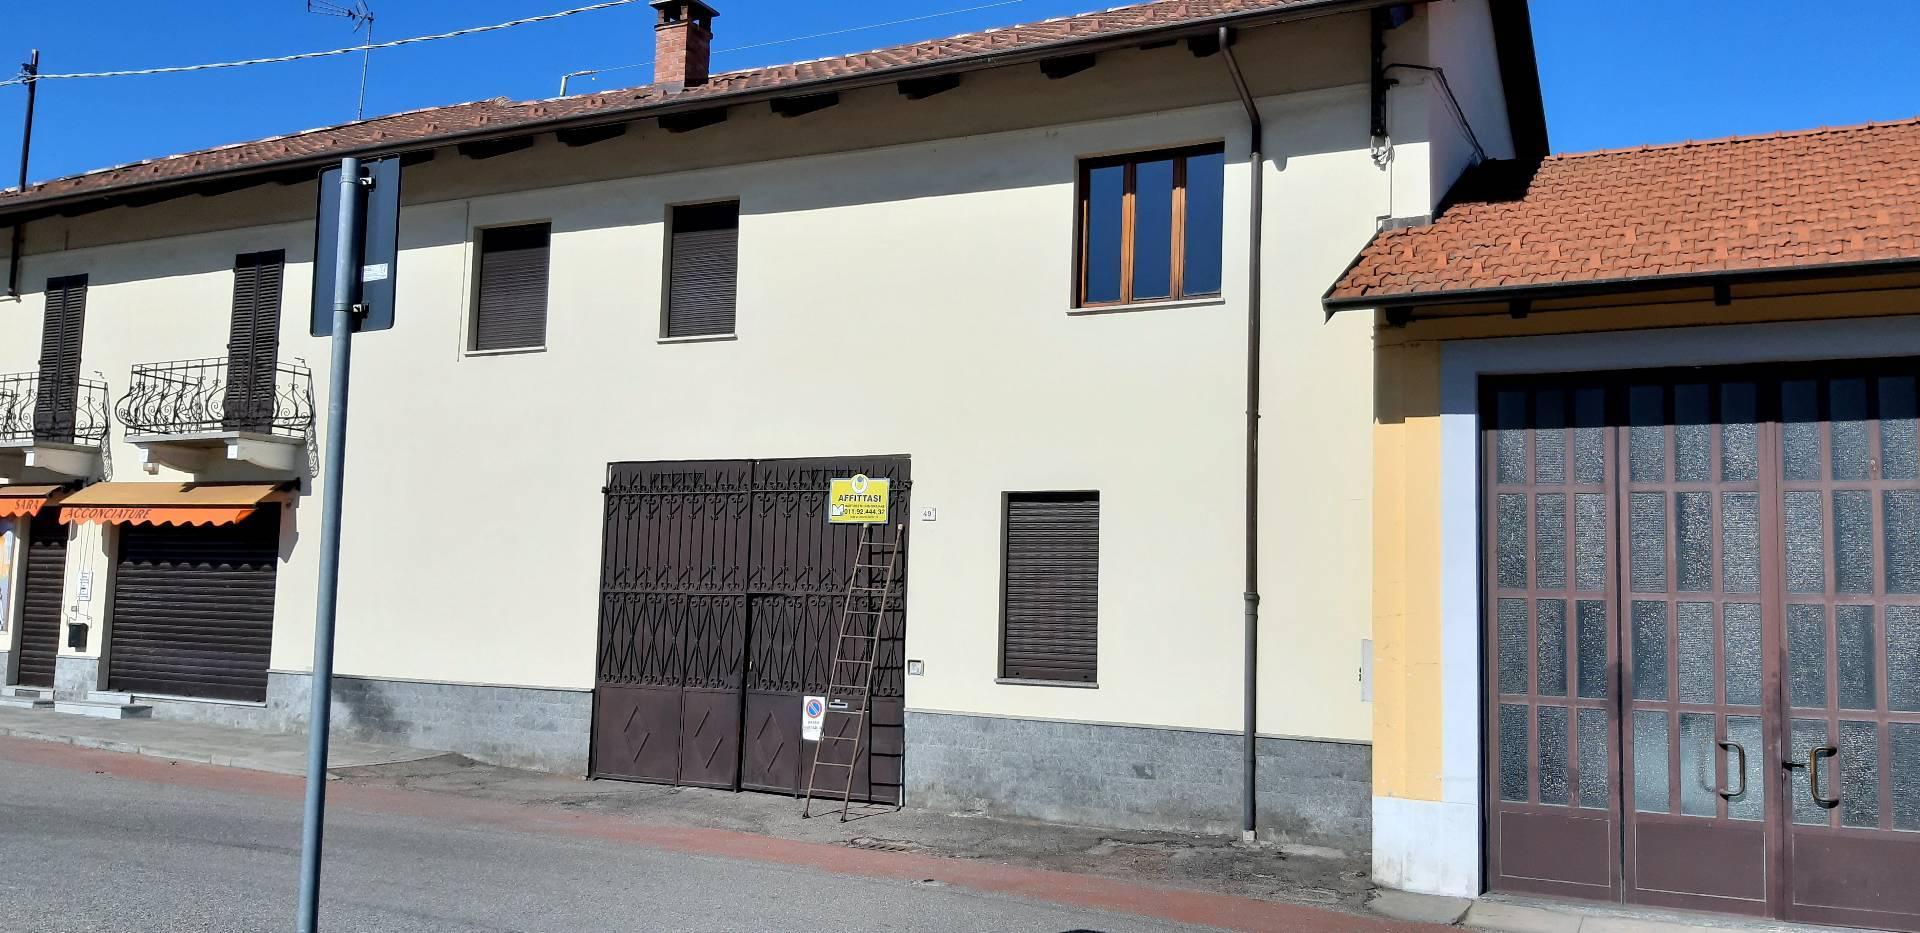 Appartamento in affitto a San Maurizio Canavese, 3 locali, zona Località: Remmert, prezzo € 480   PortaleAgenzieImmobiliari.it